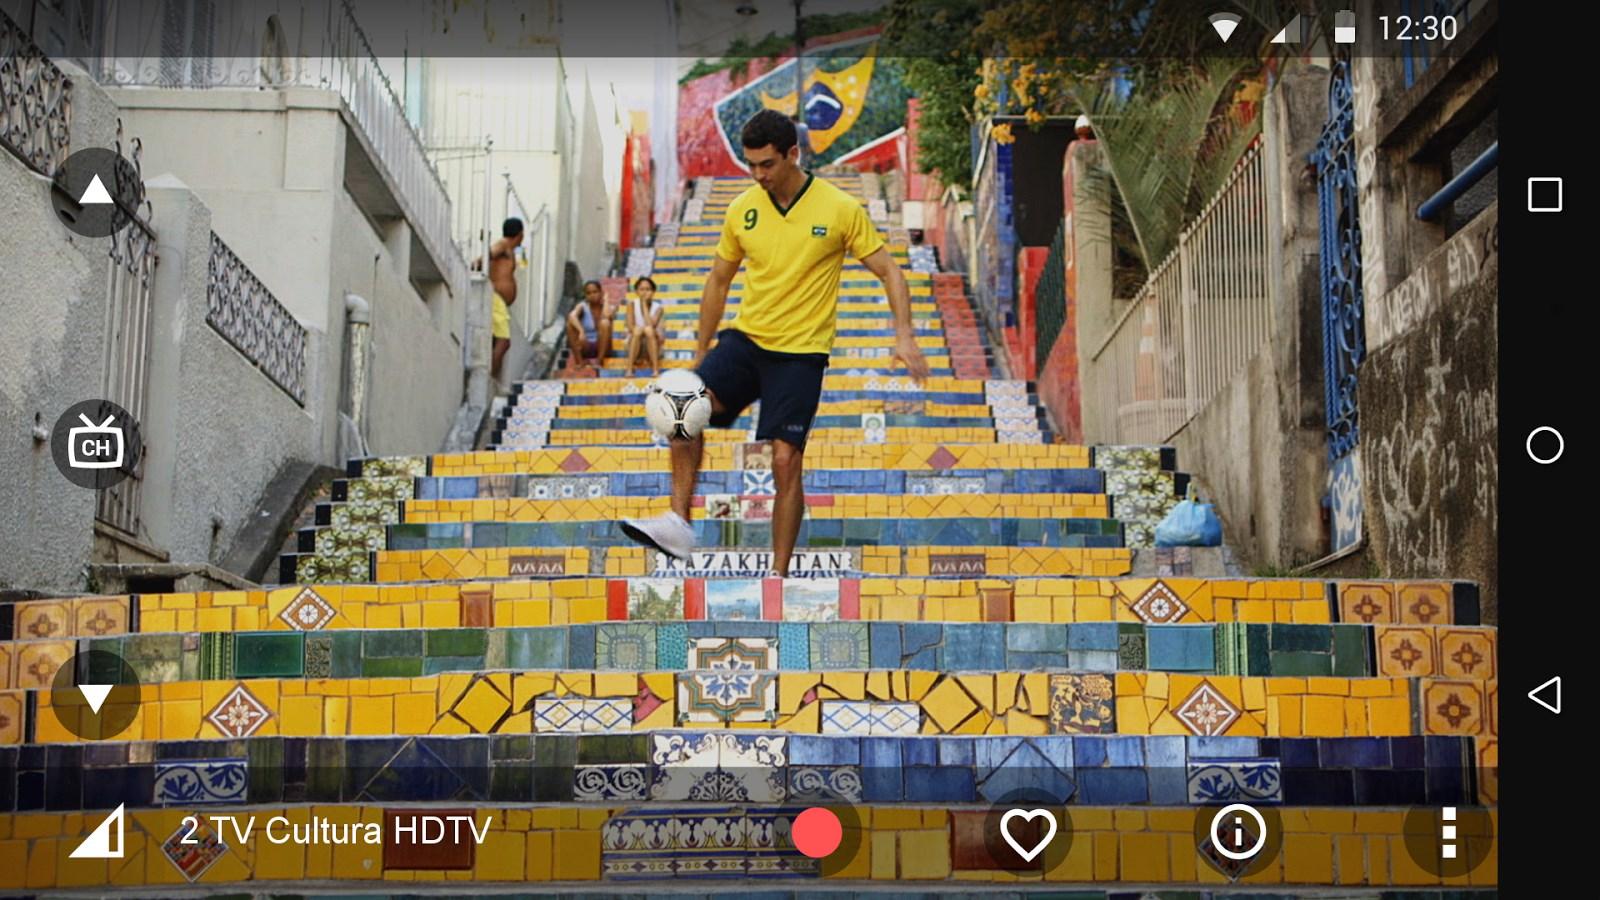 TV digital - Imagem 1 do software